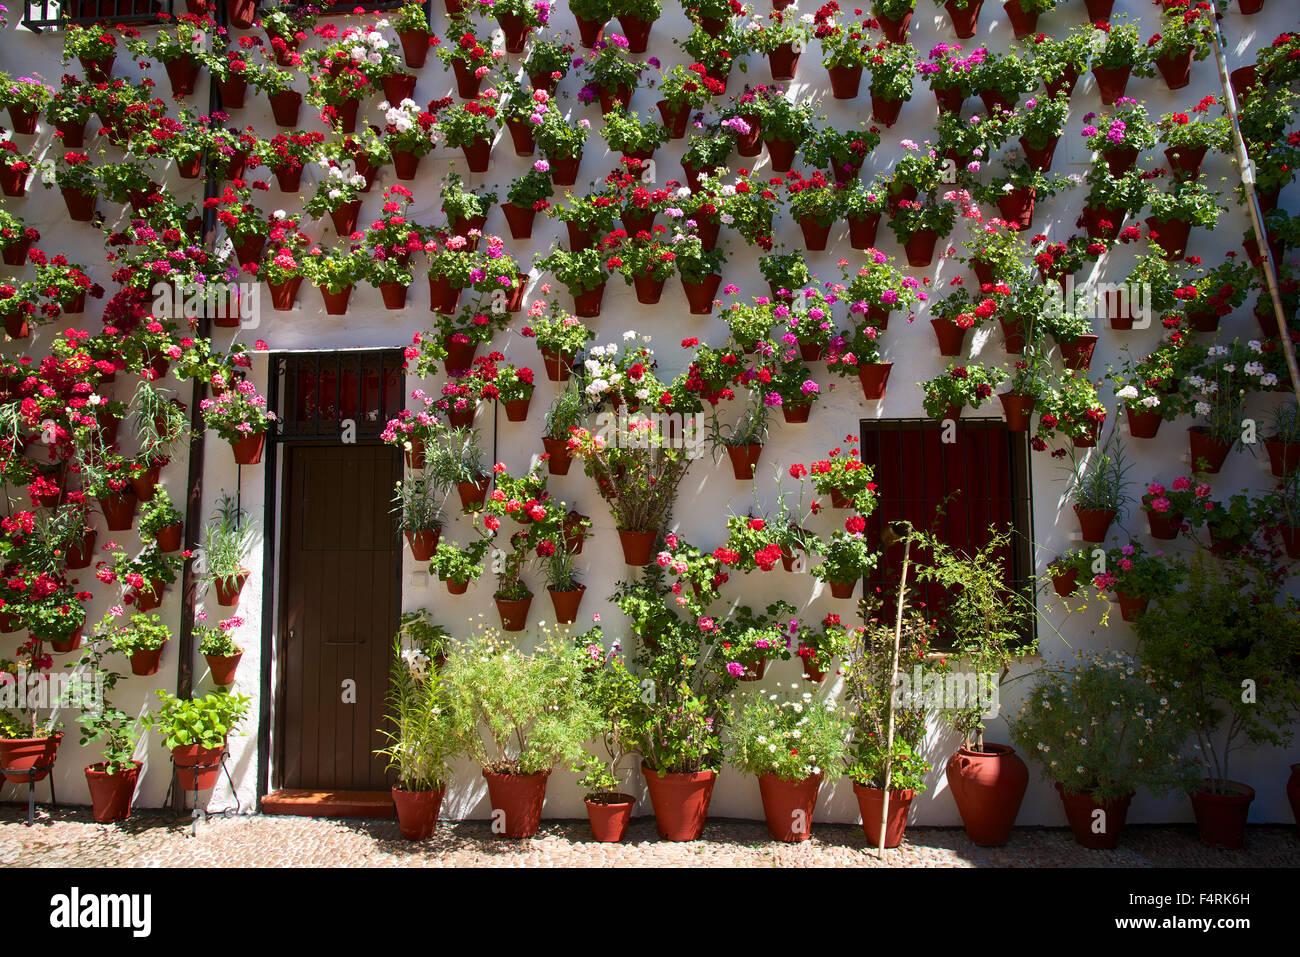 Andalusia, Spagna, Europa, Esterno, giorno, Cordoba, Fiesta de Los patios, tradizione, tradizionale, la decorazione Immagini Stock